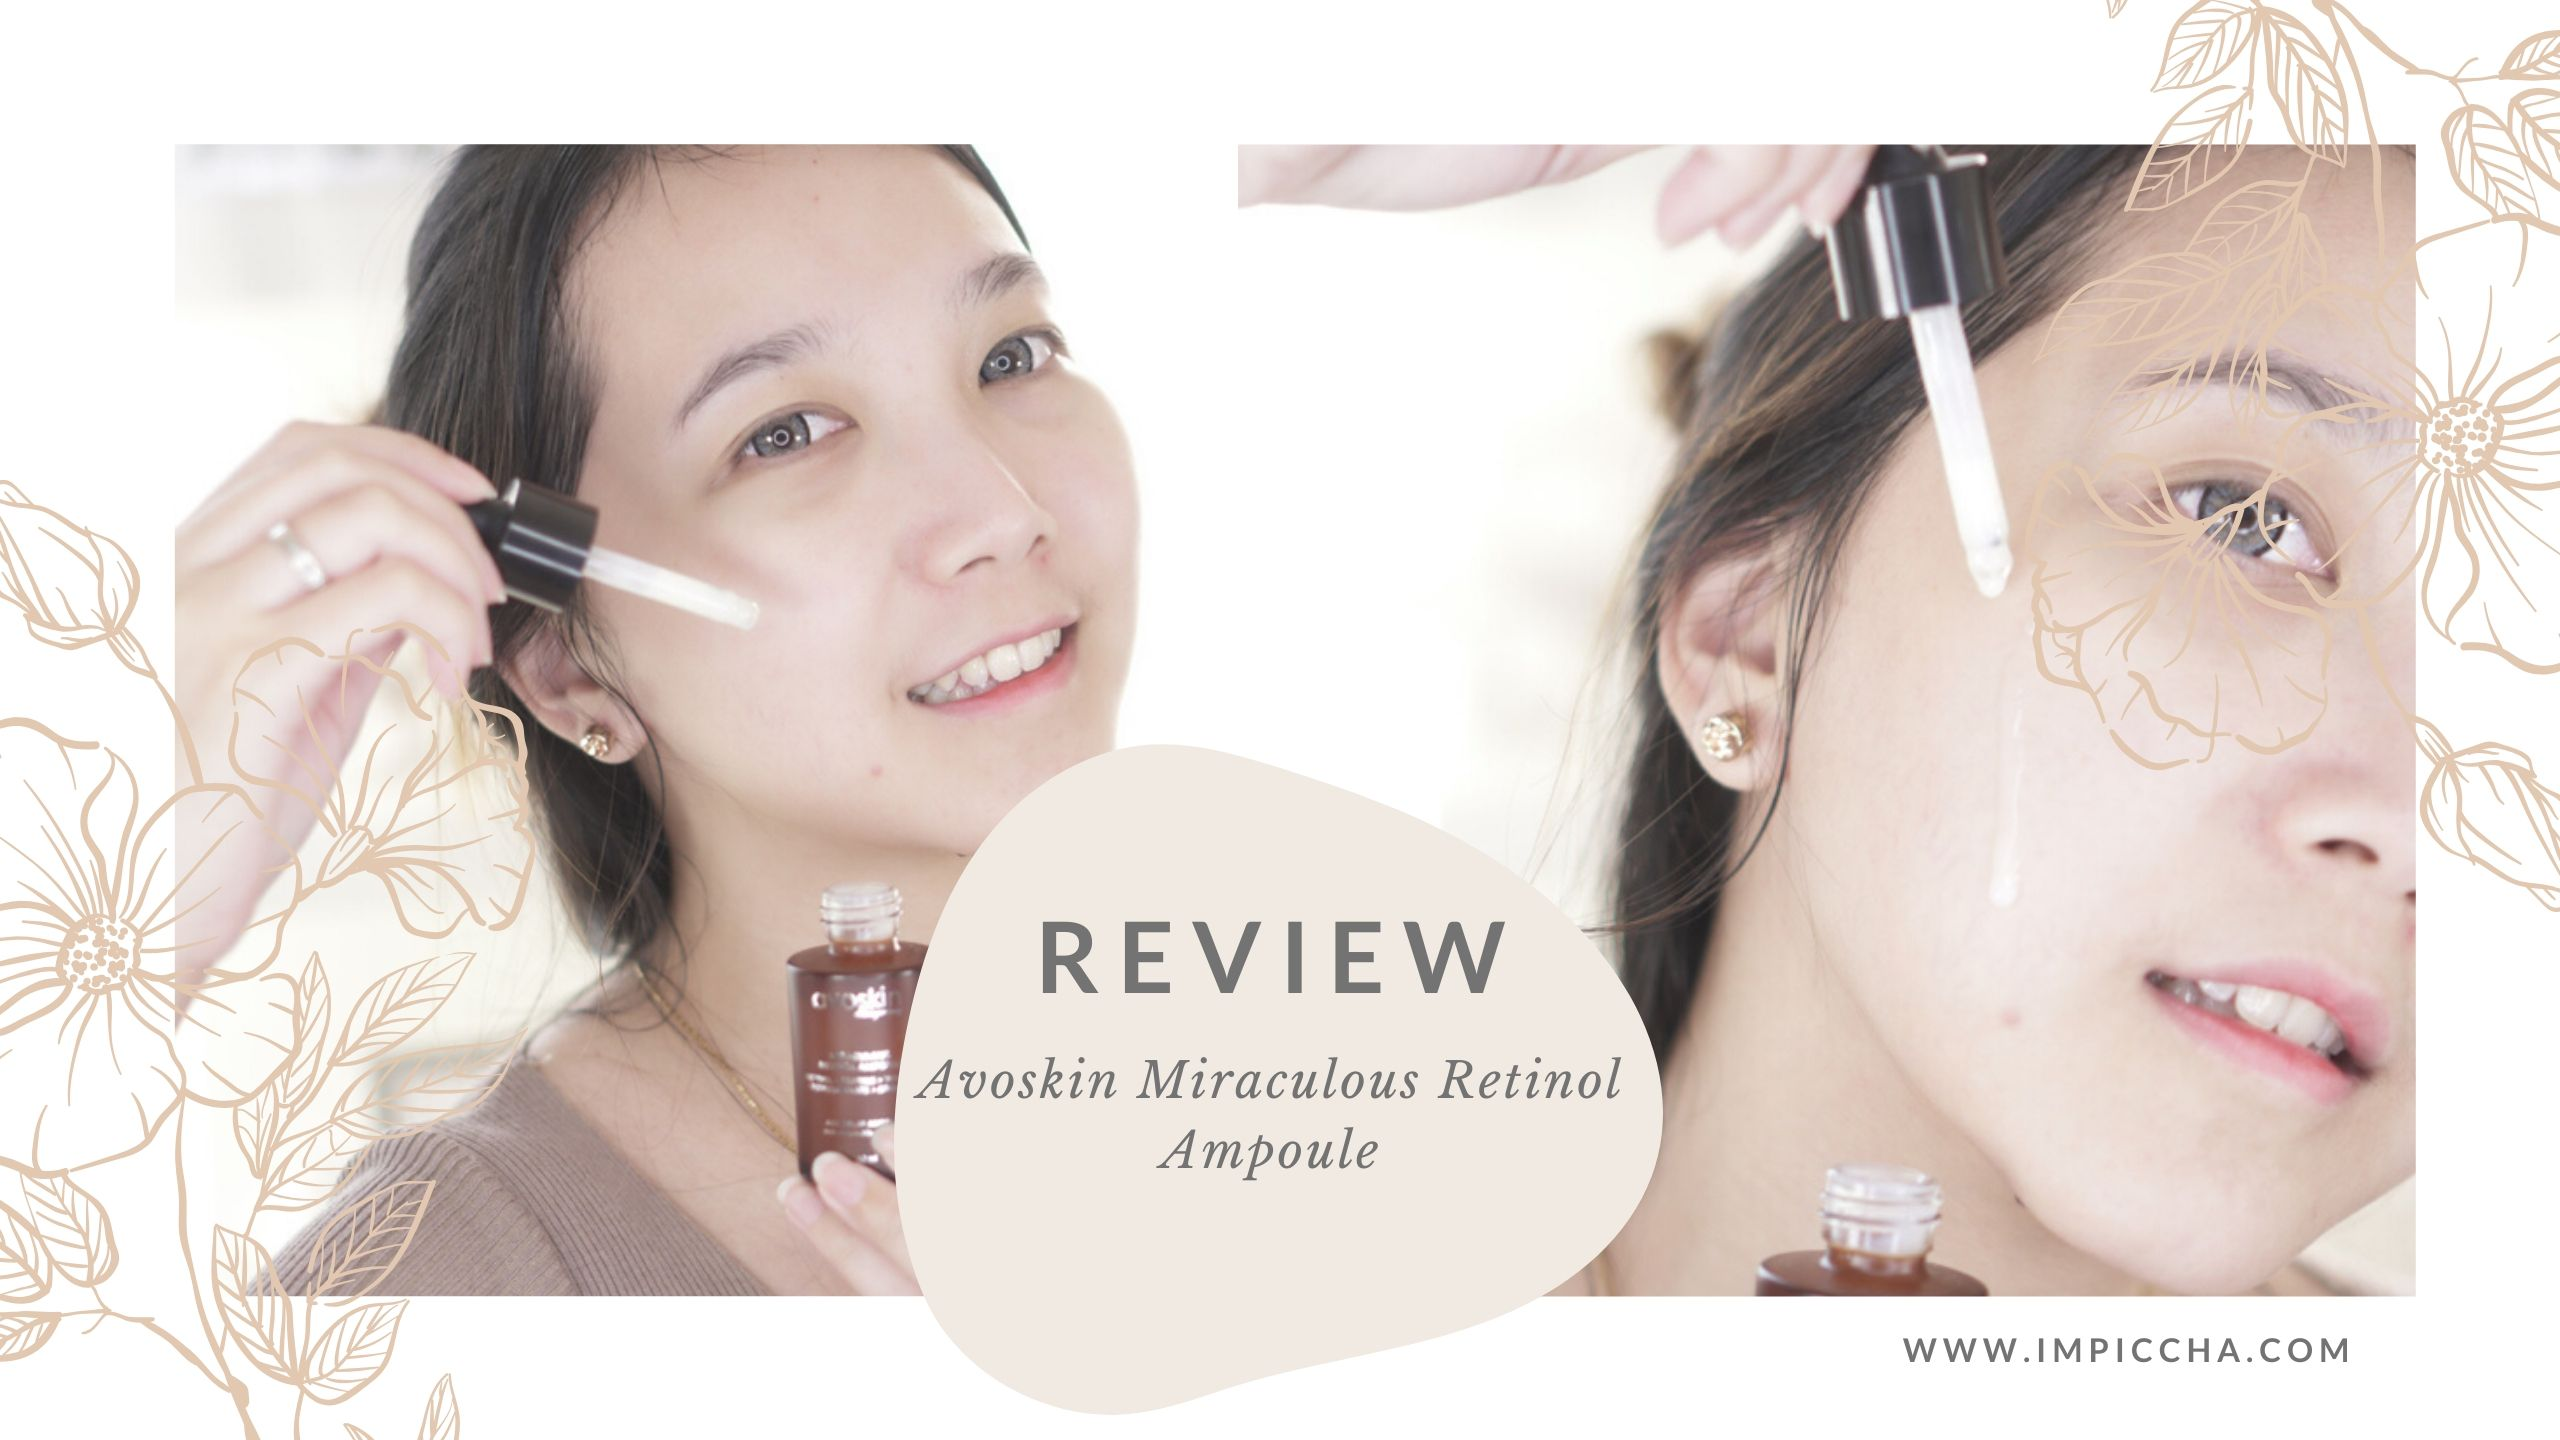 Review Avoskin Miraculous Retinol Ampoule